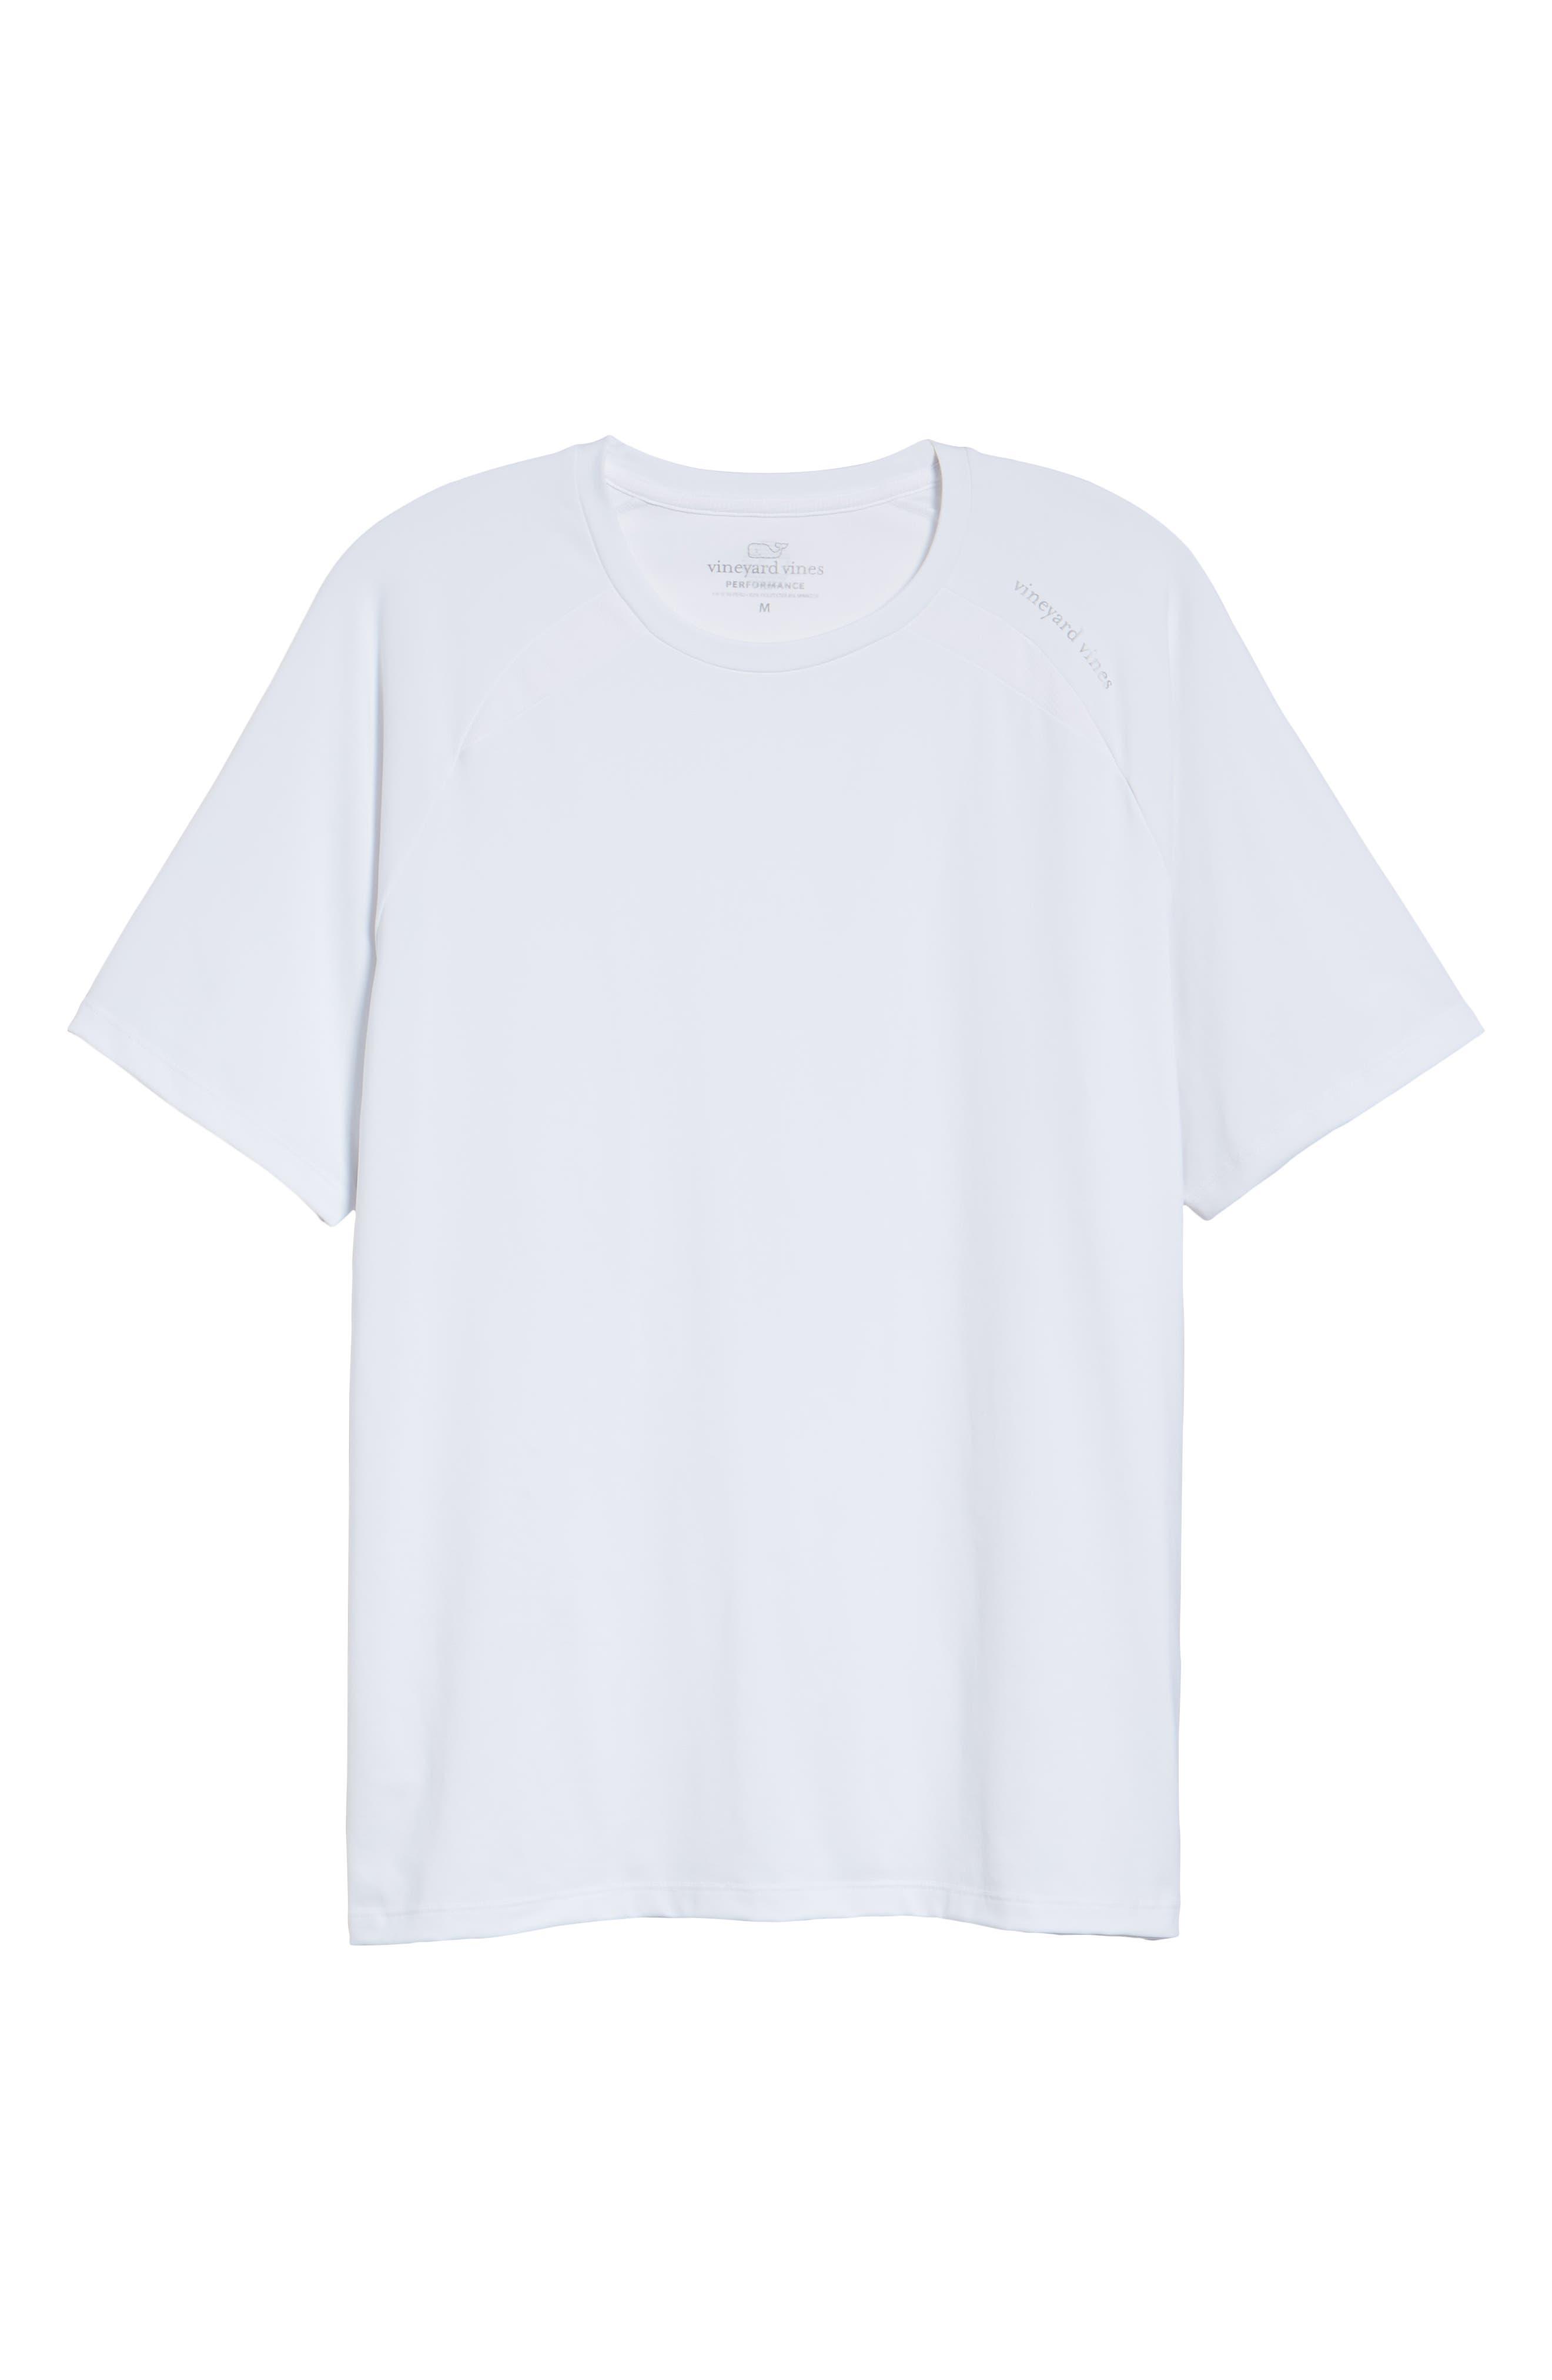 Mesh Inset T-Shirt,                             Alternate thumbnail 6, color,                             WHITE CAP